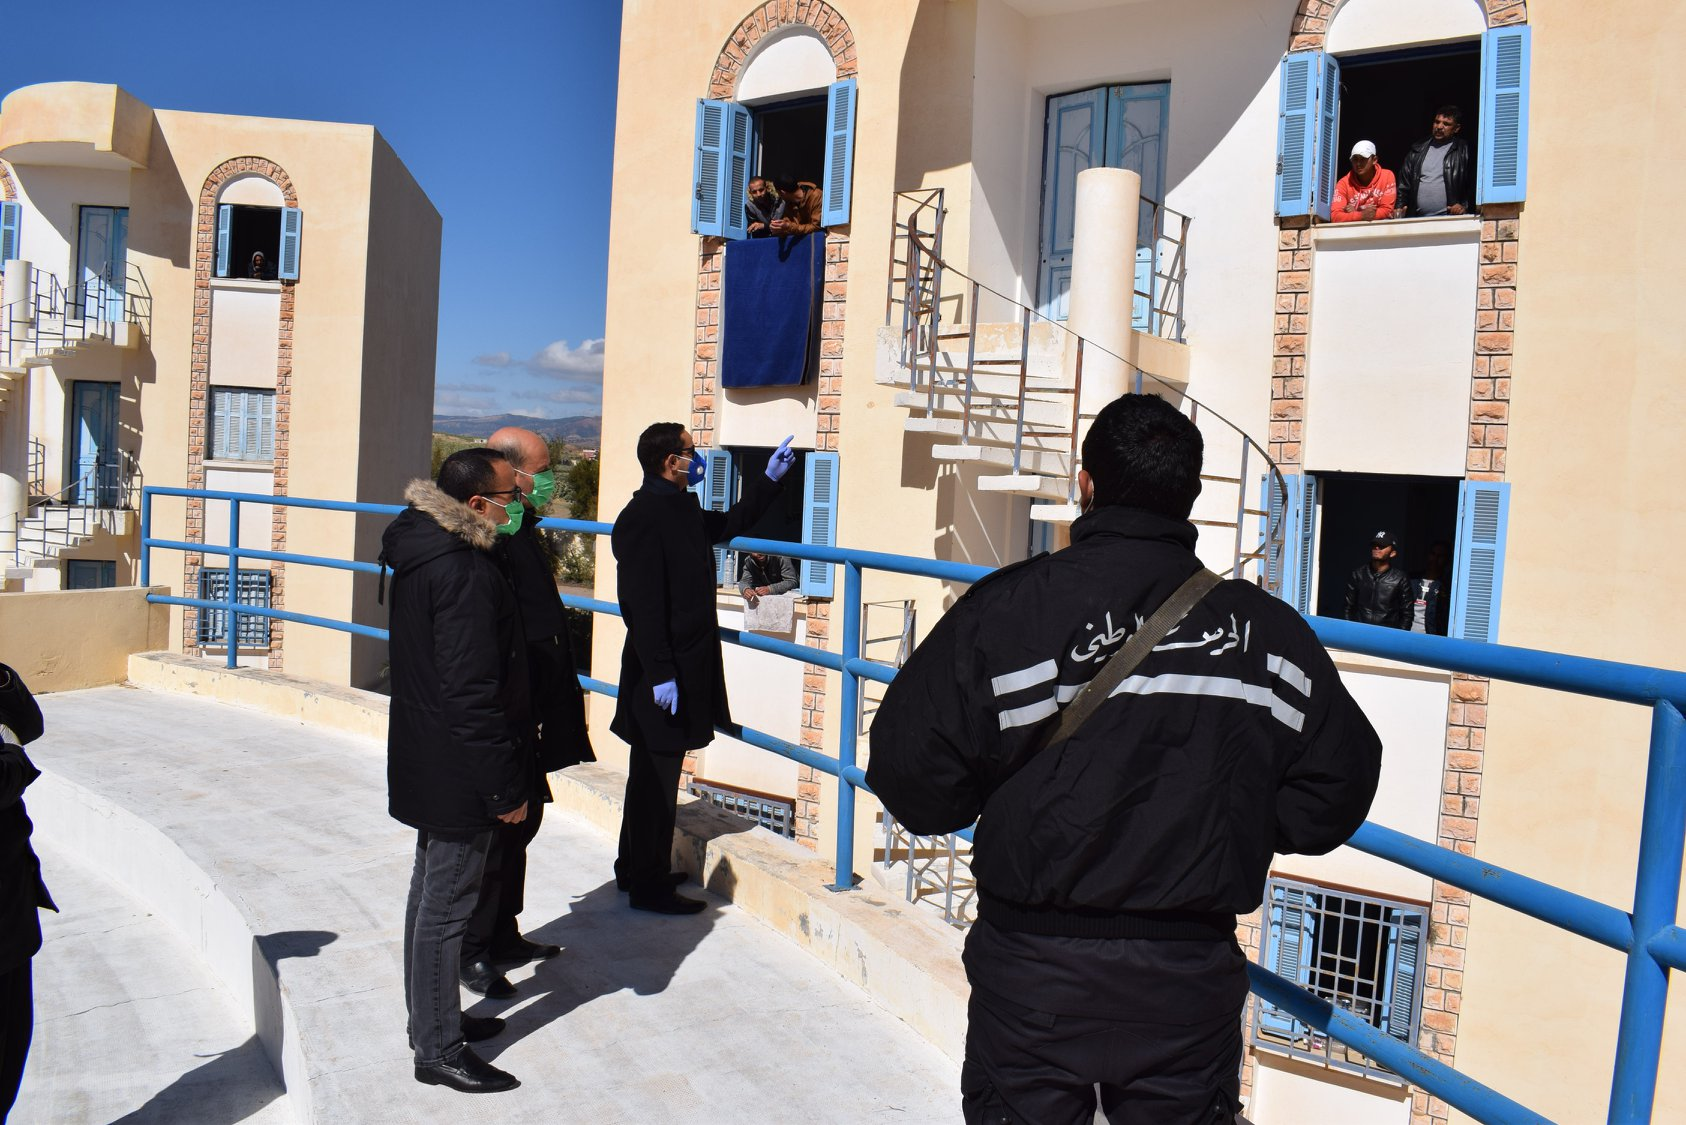 والي القصرين يزور المقيمين بالحجر الصحي الاجباري